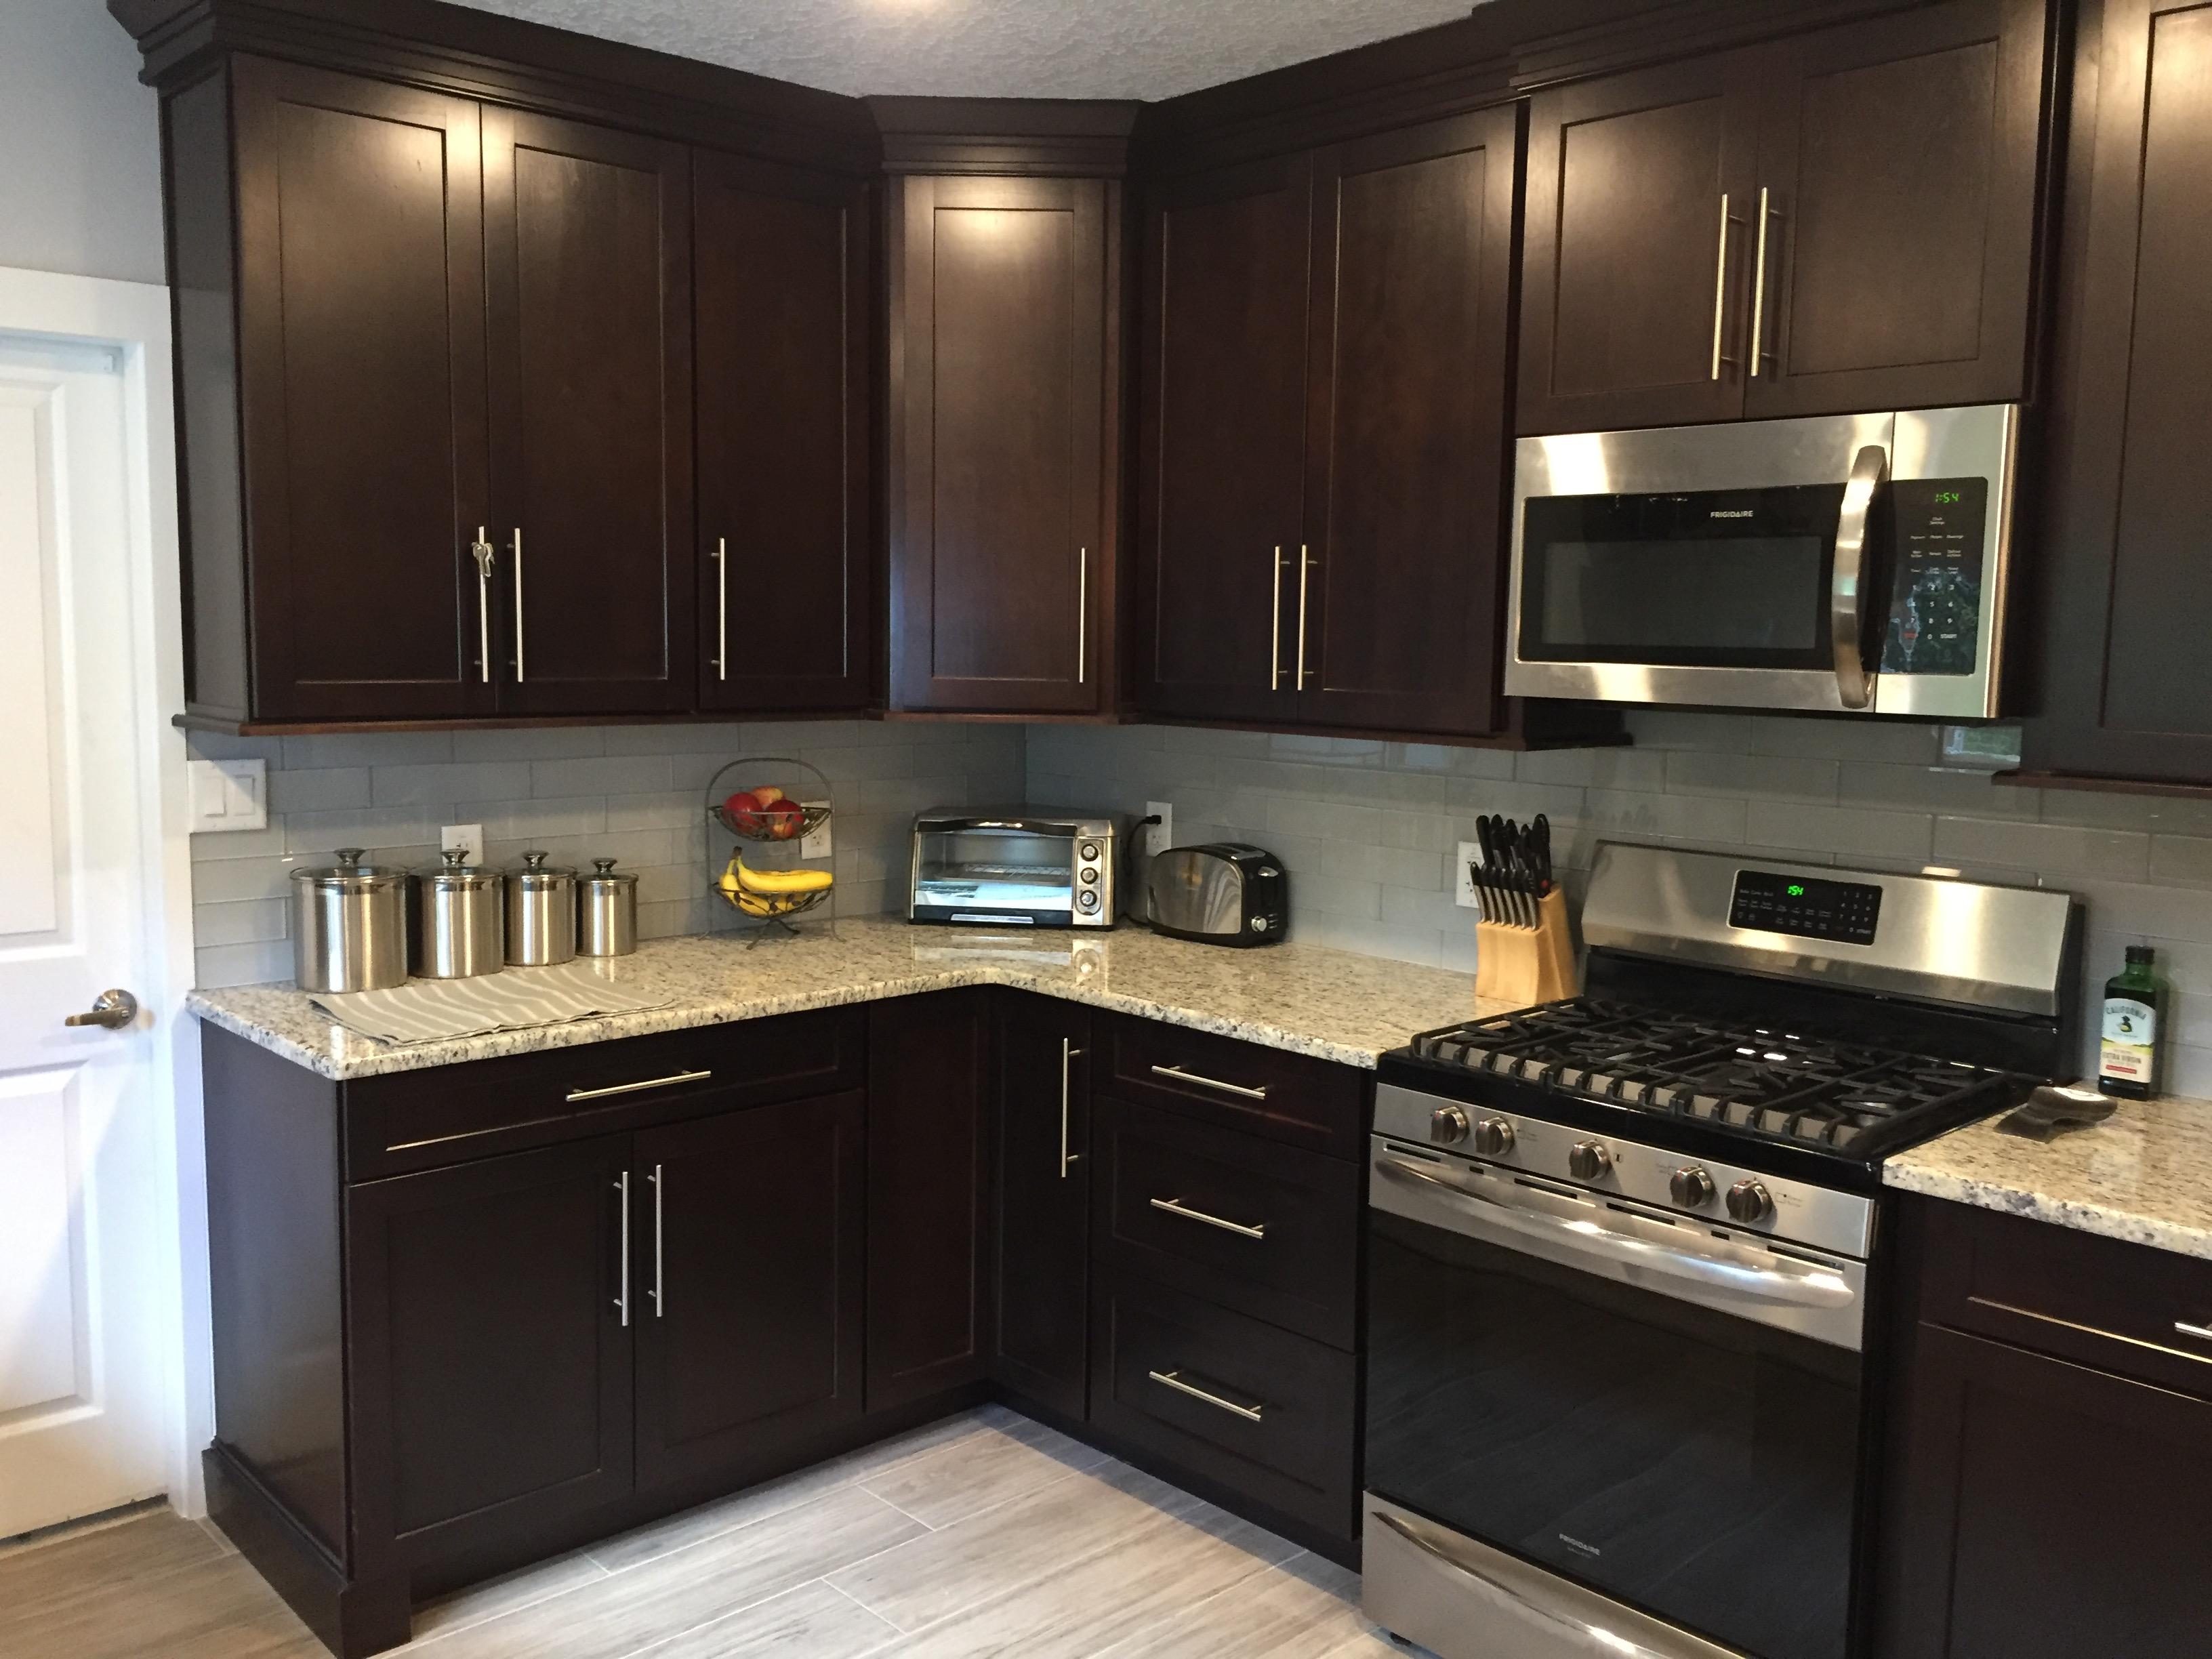 Stetson Project Granite Countertops Kitchen Kitchen Remodel Shaker Kitchen Cabinets